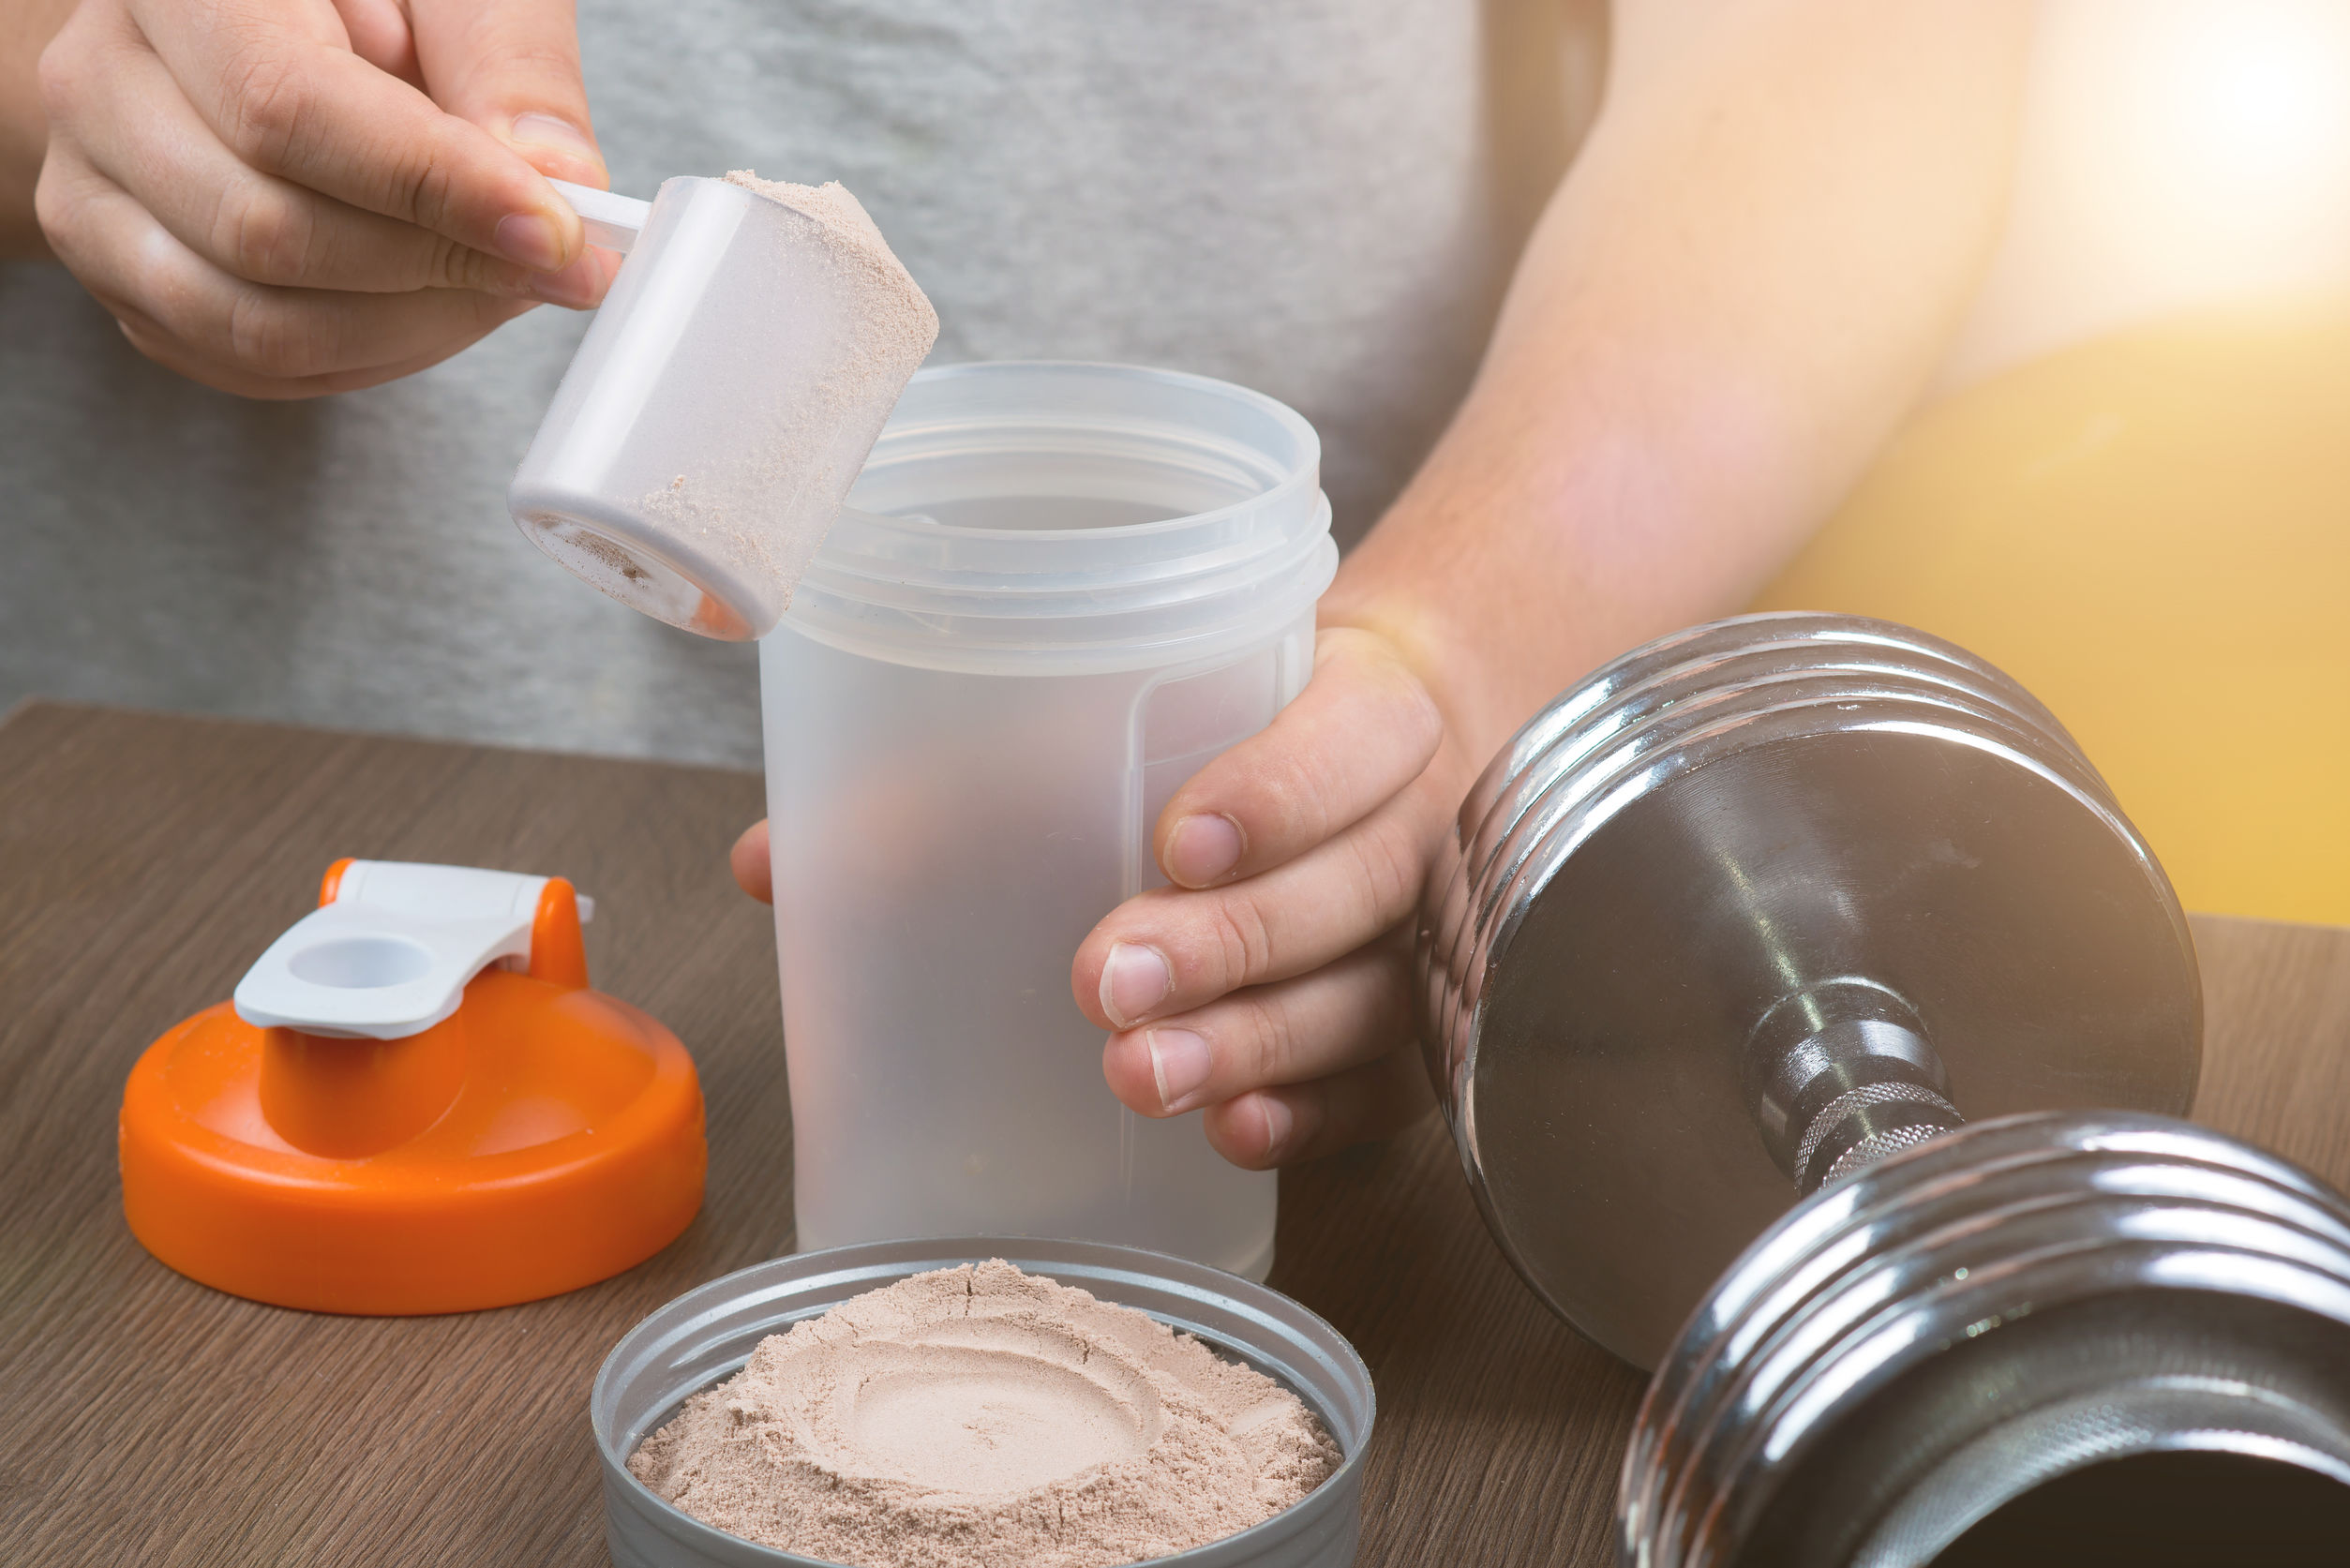 Proteinpulver: Test, Wirkung, Anwendung & Studien (09/20)